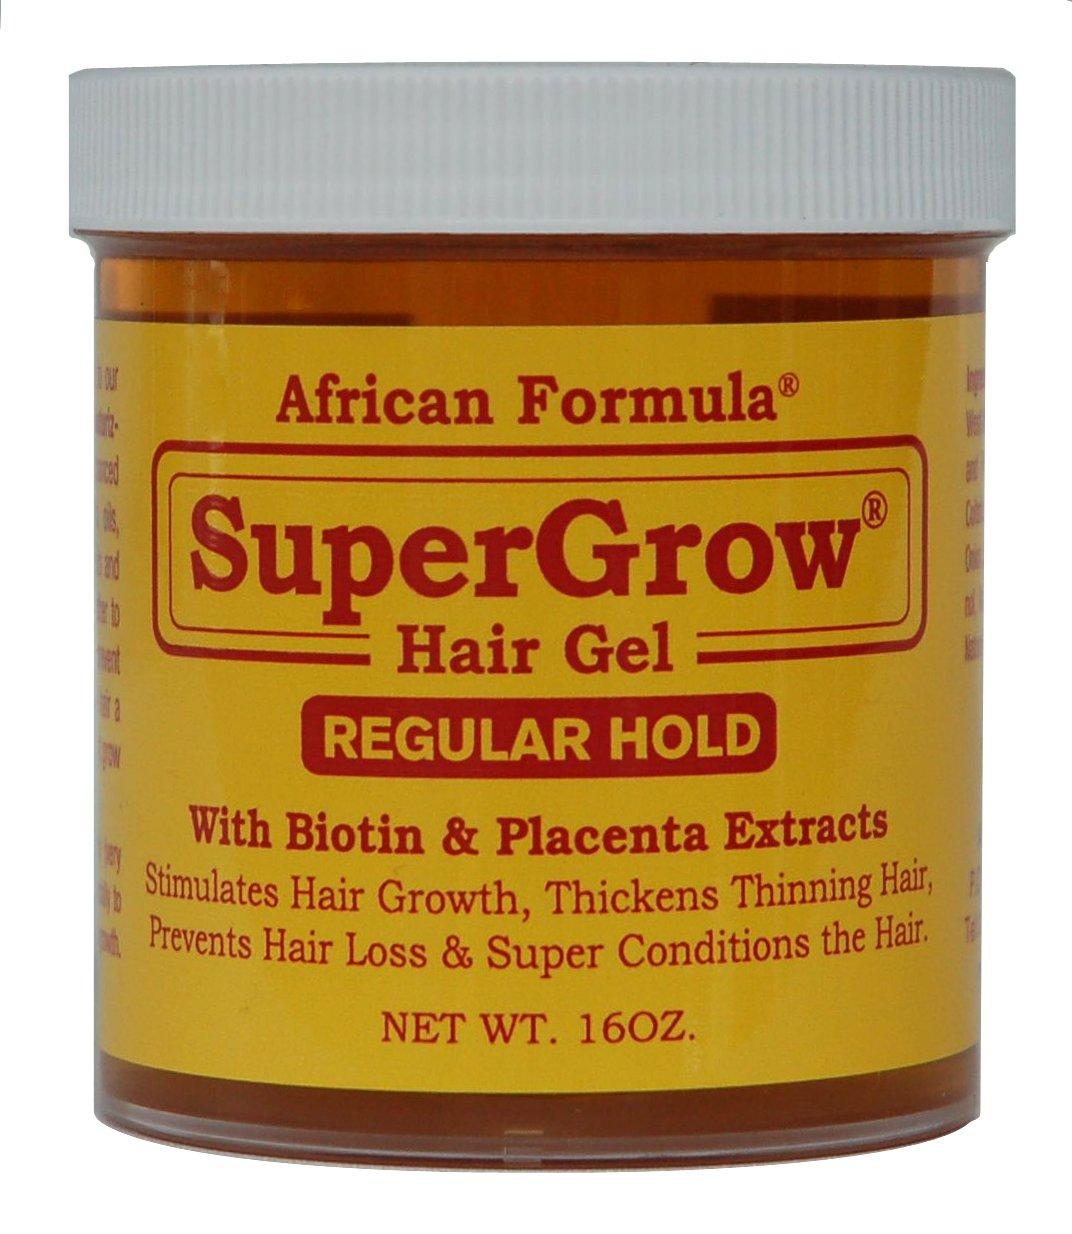 SuperGrow Hair Gel Regular Hold 16 oz